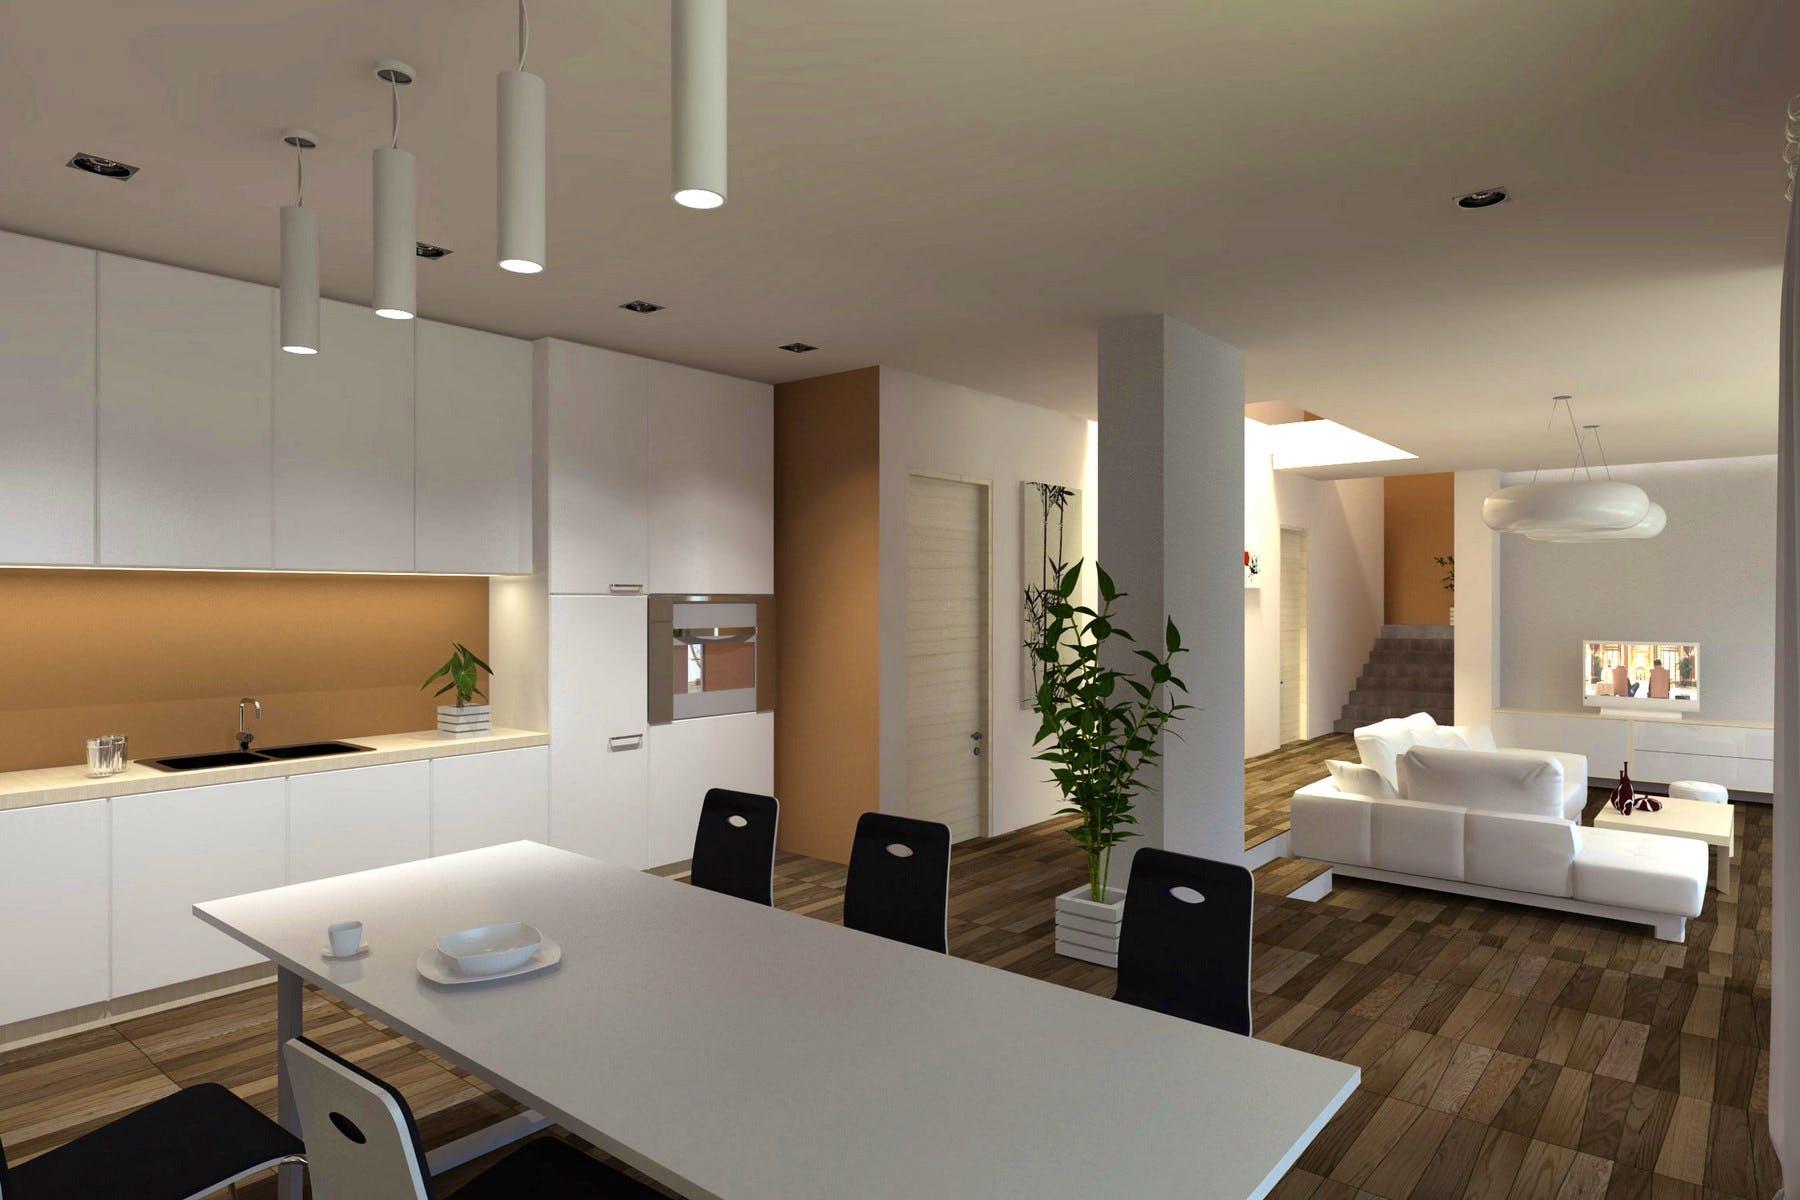 Otvoreni dnevni prostor s kuhinjom, blagovaonicom i dnevnim boravkom